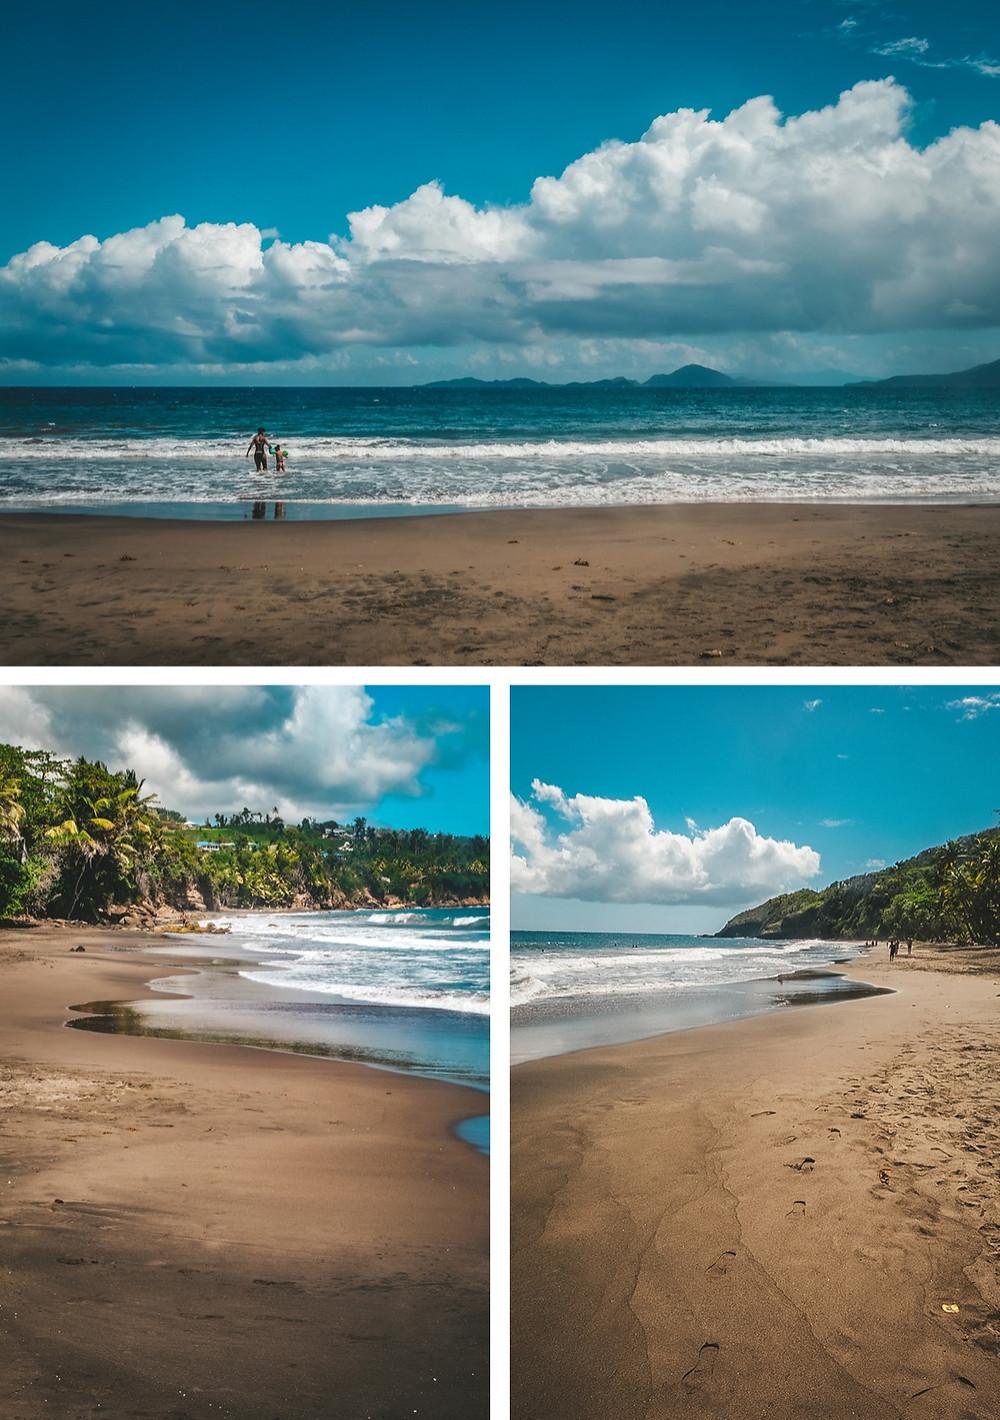 Plage de Trois-Rivières Guadeloupe